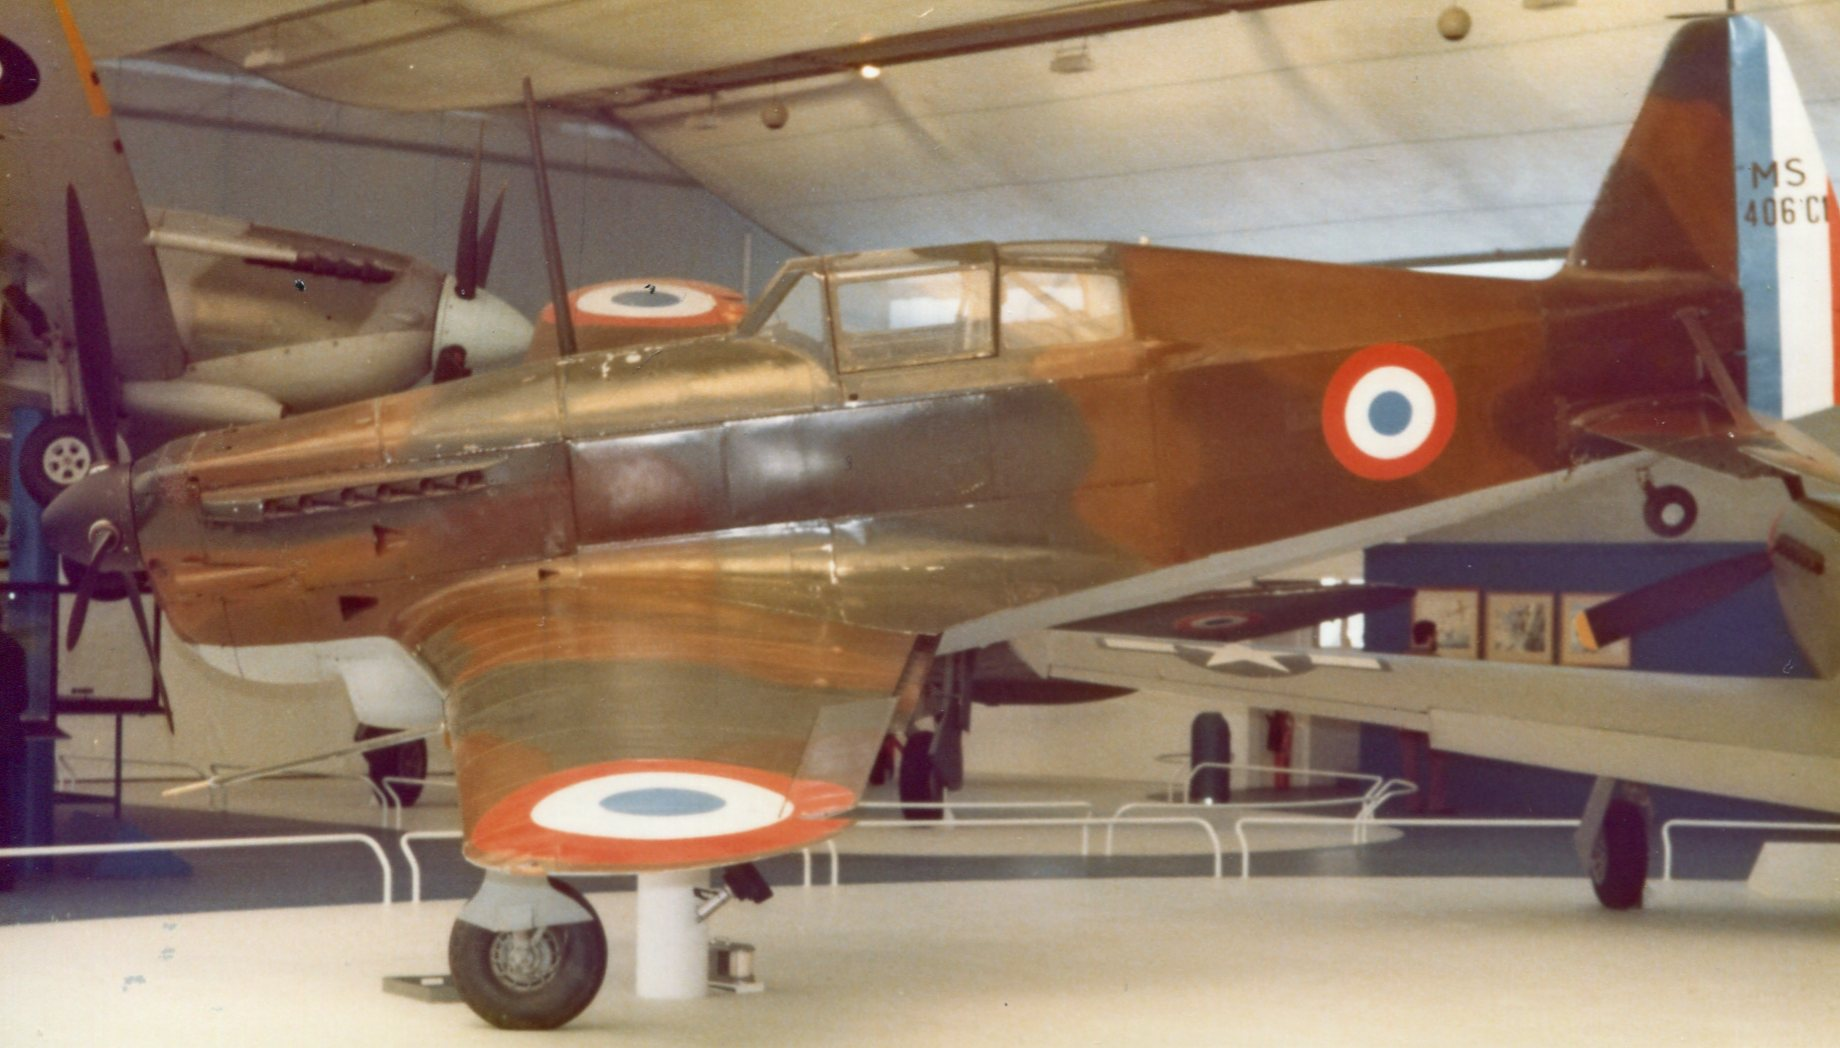 Naam: MS 406 Dewoitine - musee de l ' air - Parijs. (2)+.jpg Bekeken: 170 Grootte: 227,4 KB